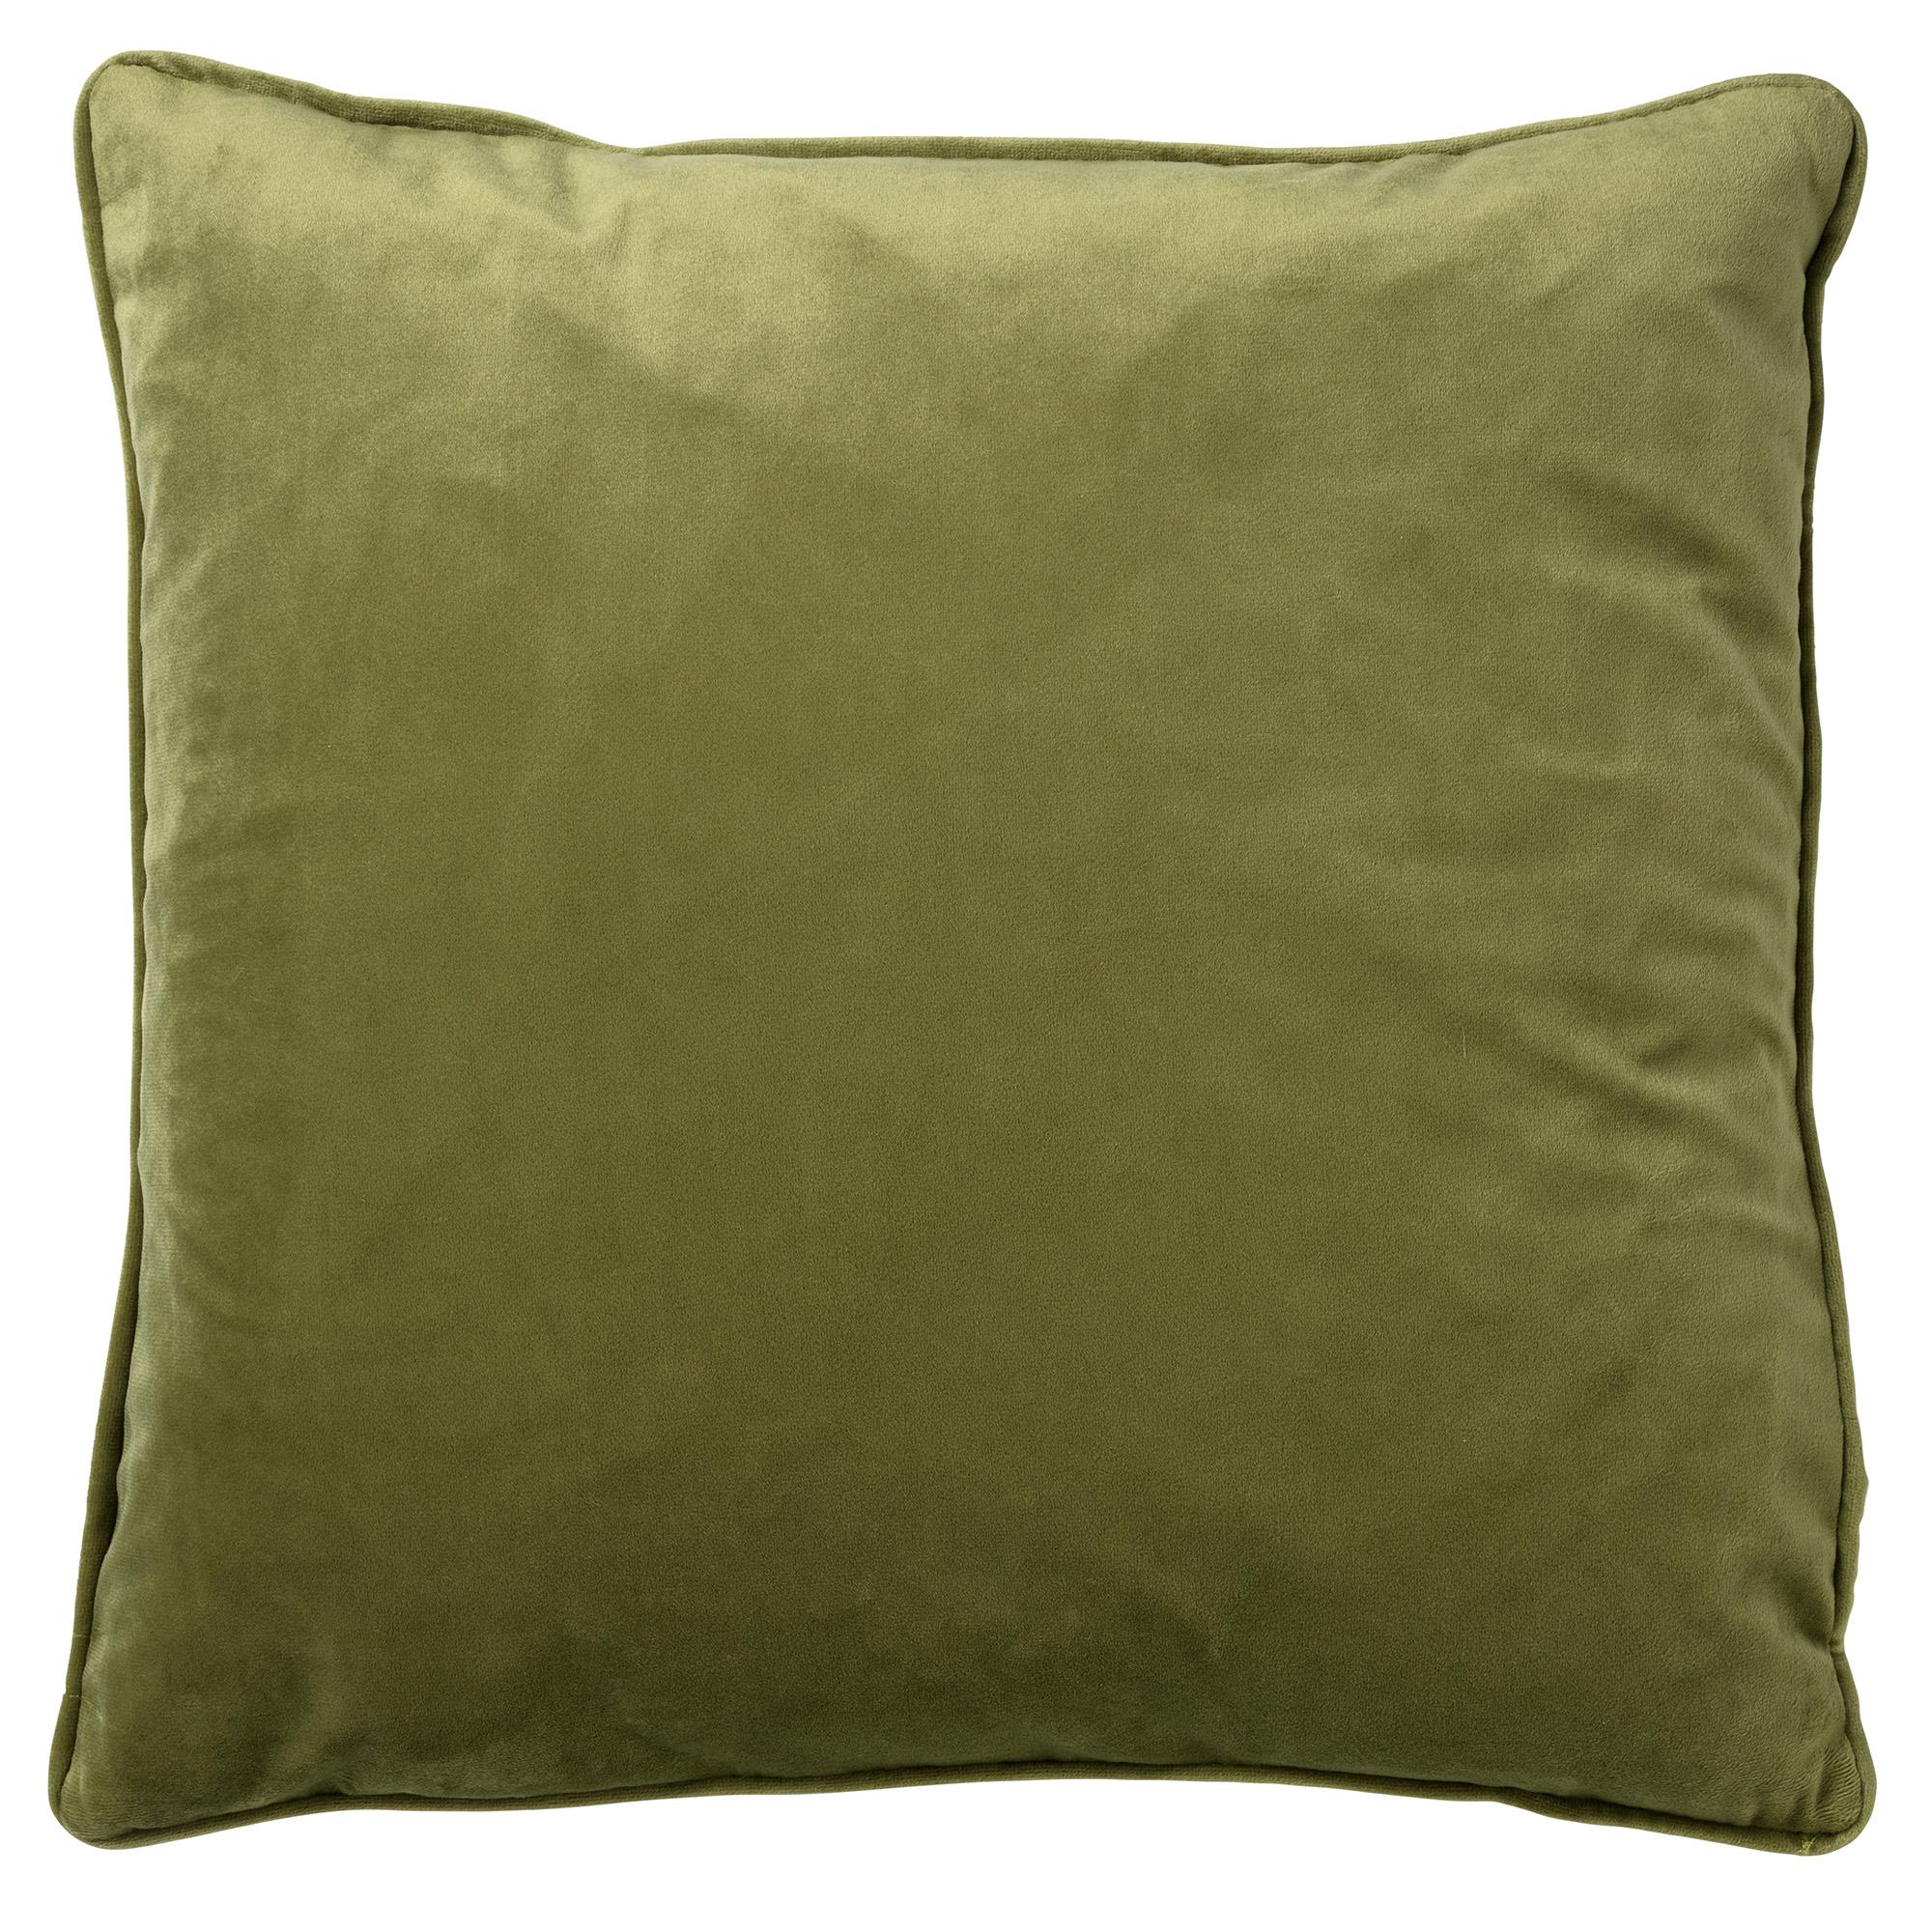 FINN - Sierkussen velvet Calliste Green 45x45 cm